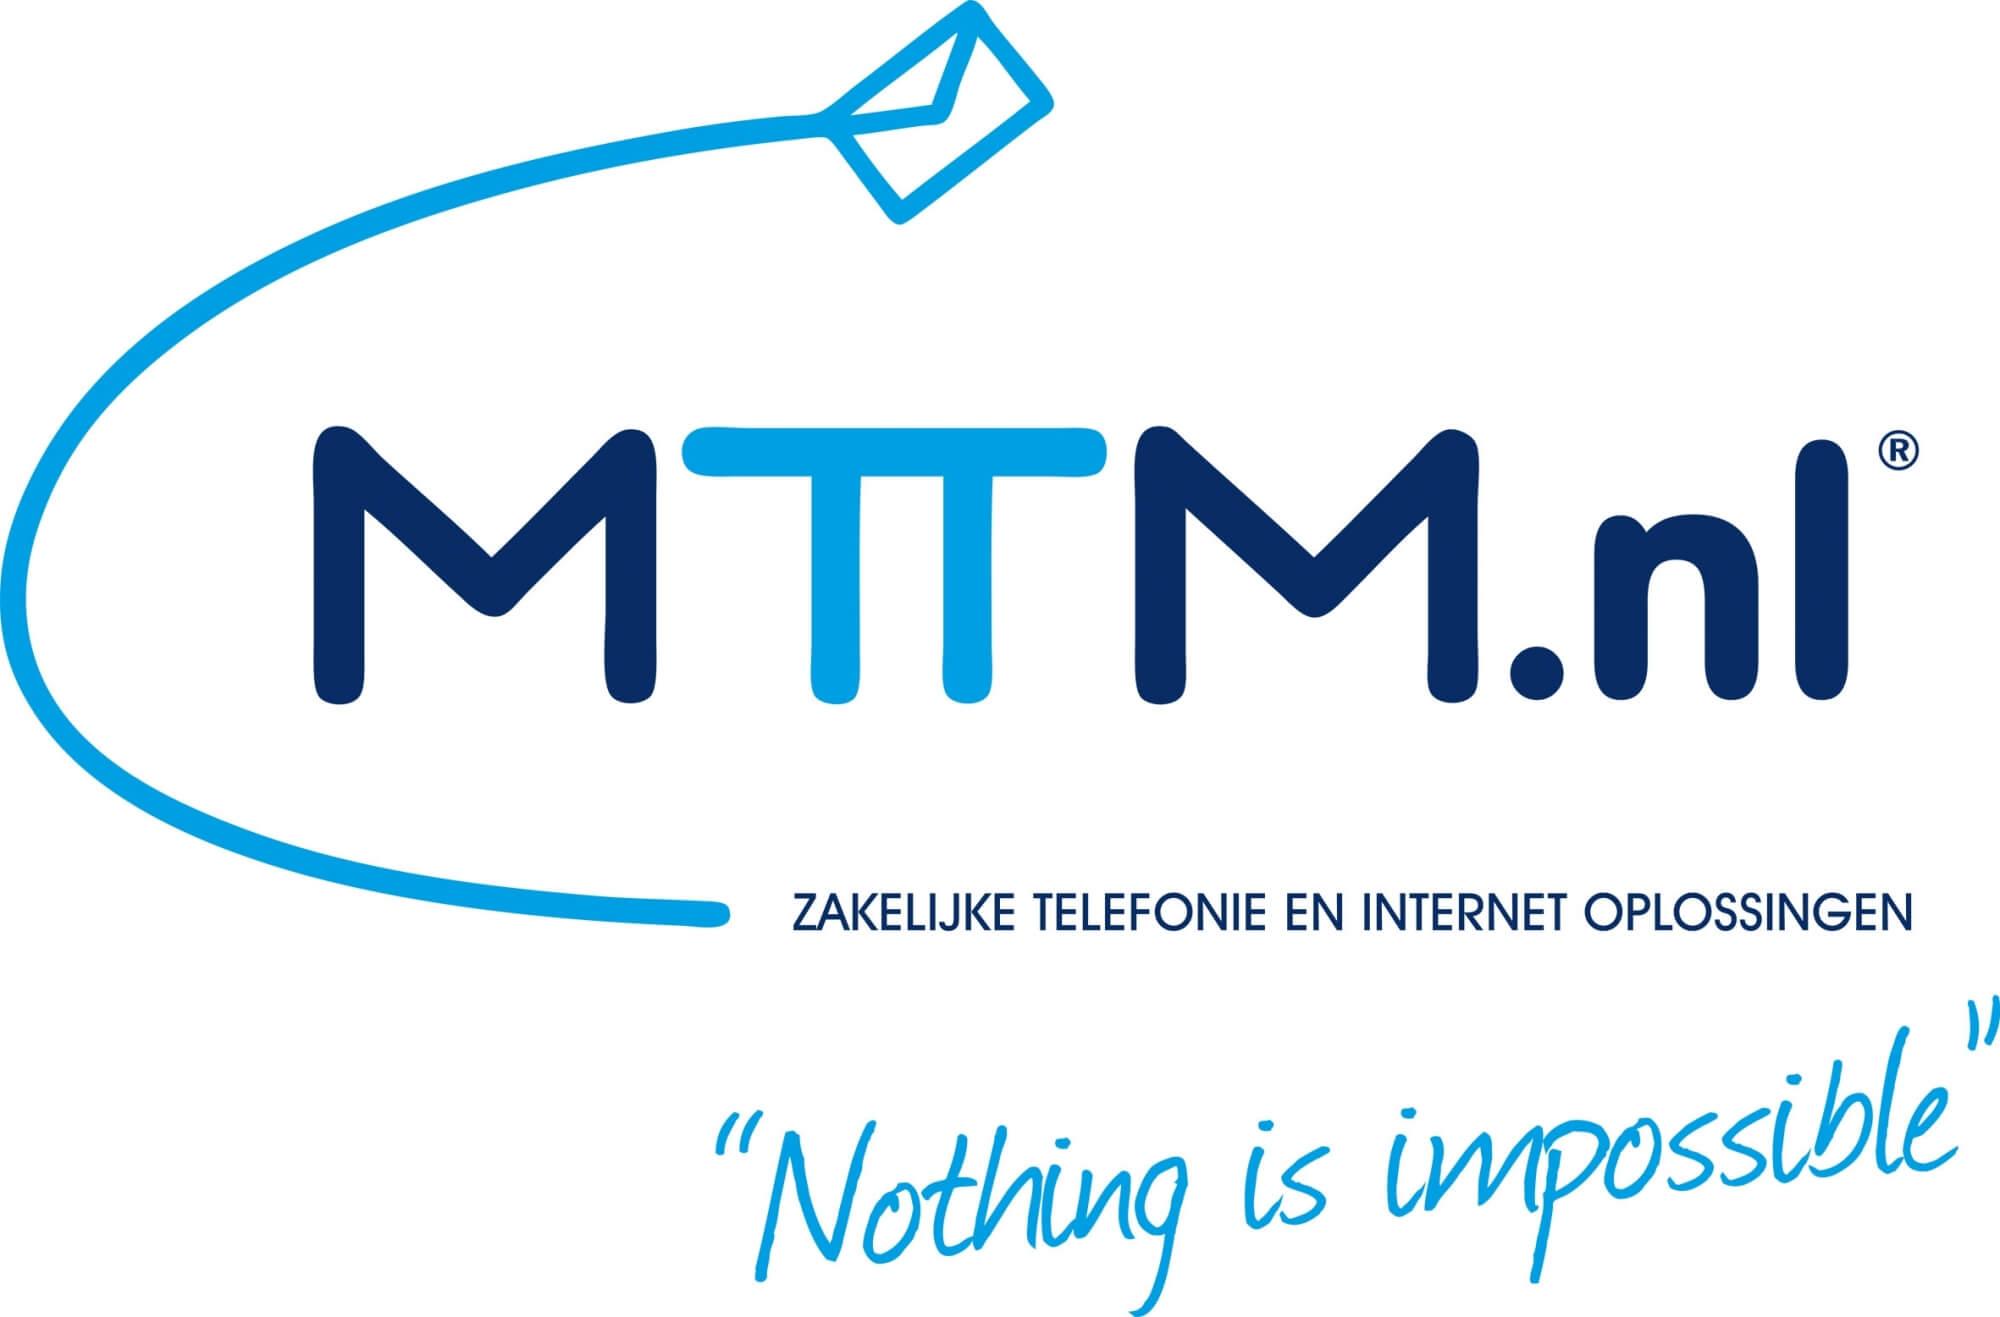 MTTM logo